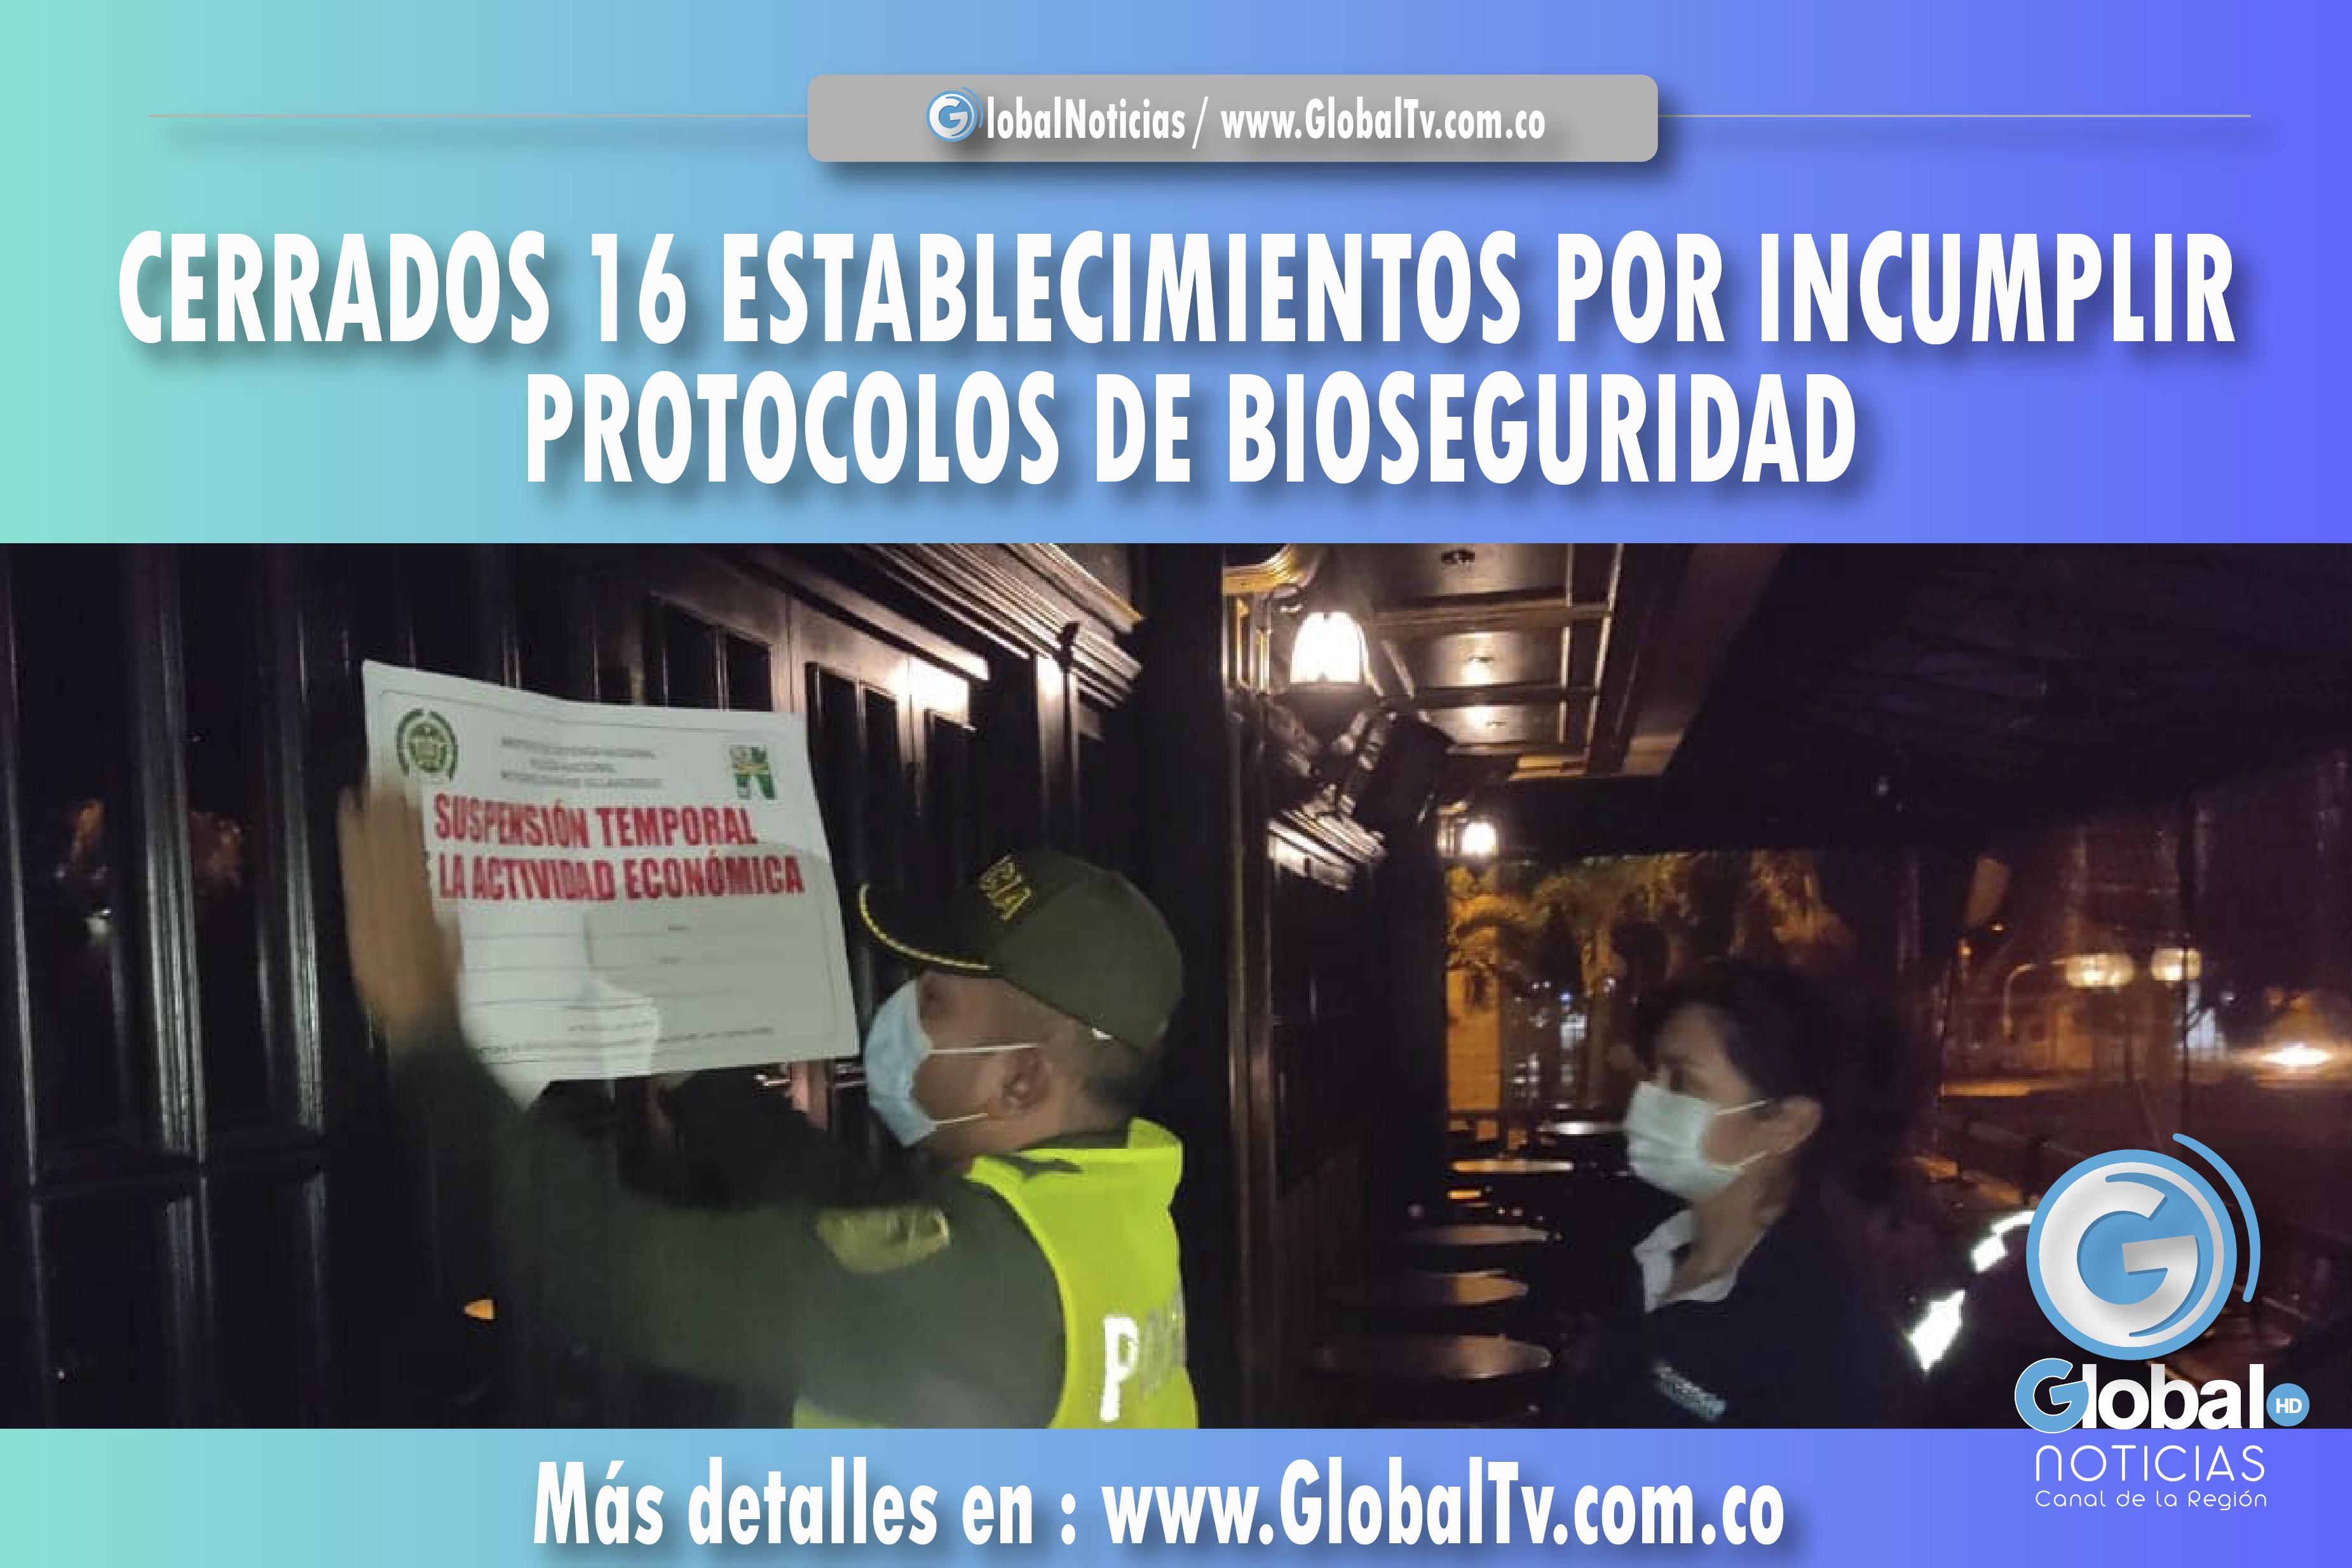 CERRADO 16 ESTABLECIMIENTOS POR INCUMPLIR LOS PROTOCOLOS DE BIOSEGURIDAD EN VILLAVICENCIO